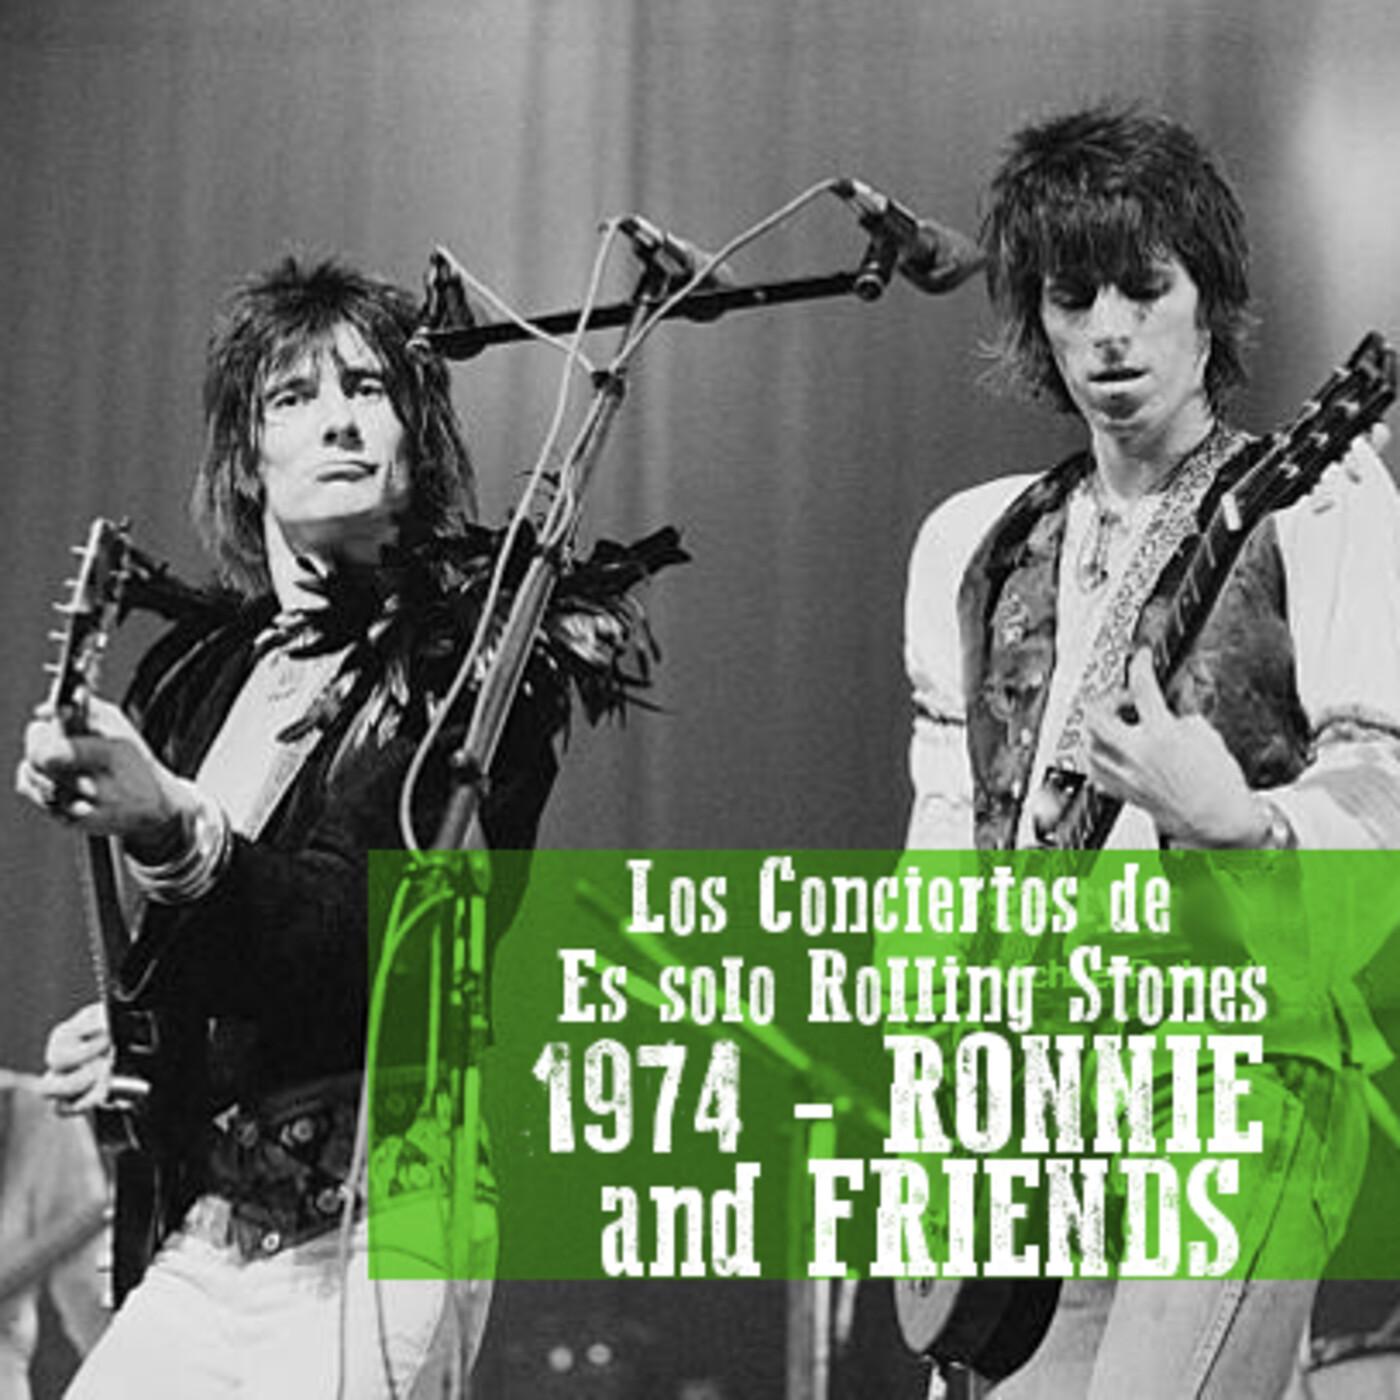 RON WOOD and FRIENDS 1974 - Los conciertos de Es solo Rolling Stones